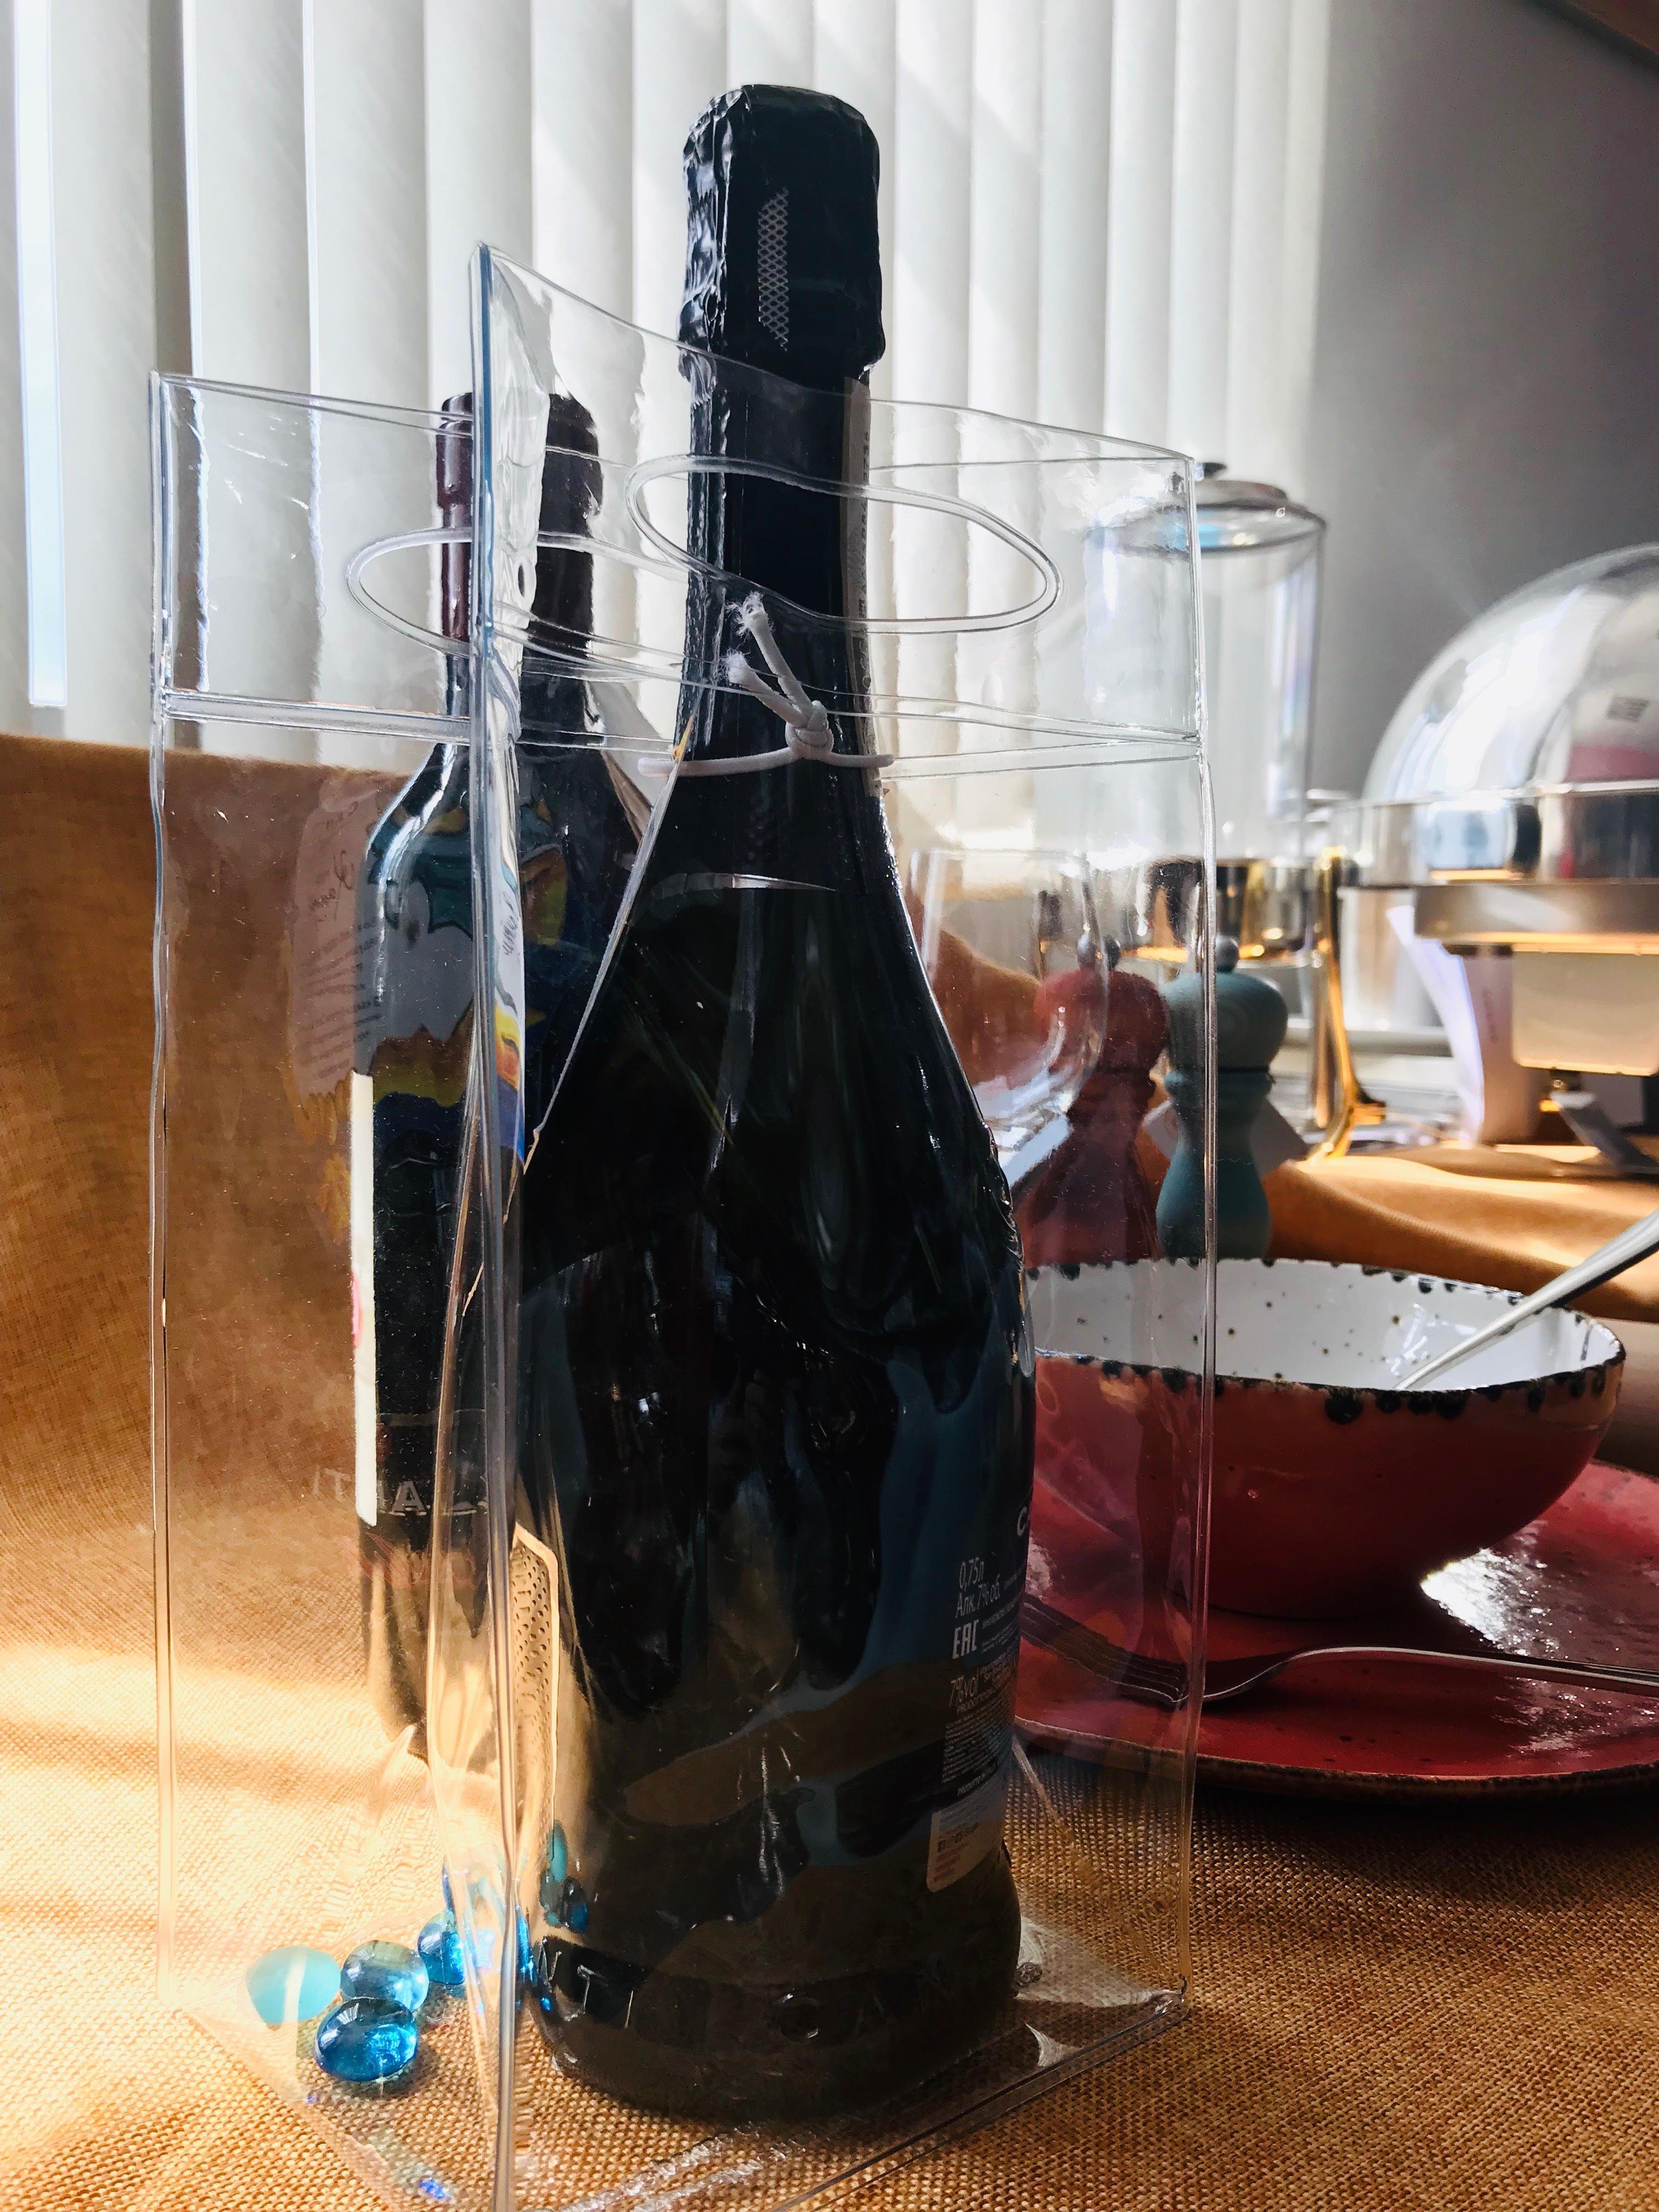 охладитель для вина, шампанского, сока со льдом, прозрачного цвета пакет полиэтиленовый, цветная посуда, мармит круглый, мельница для перца в форме бутылки для вина